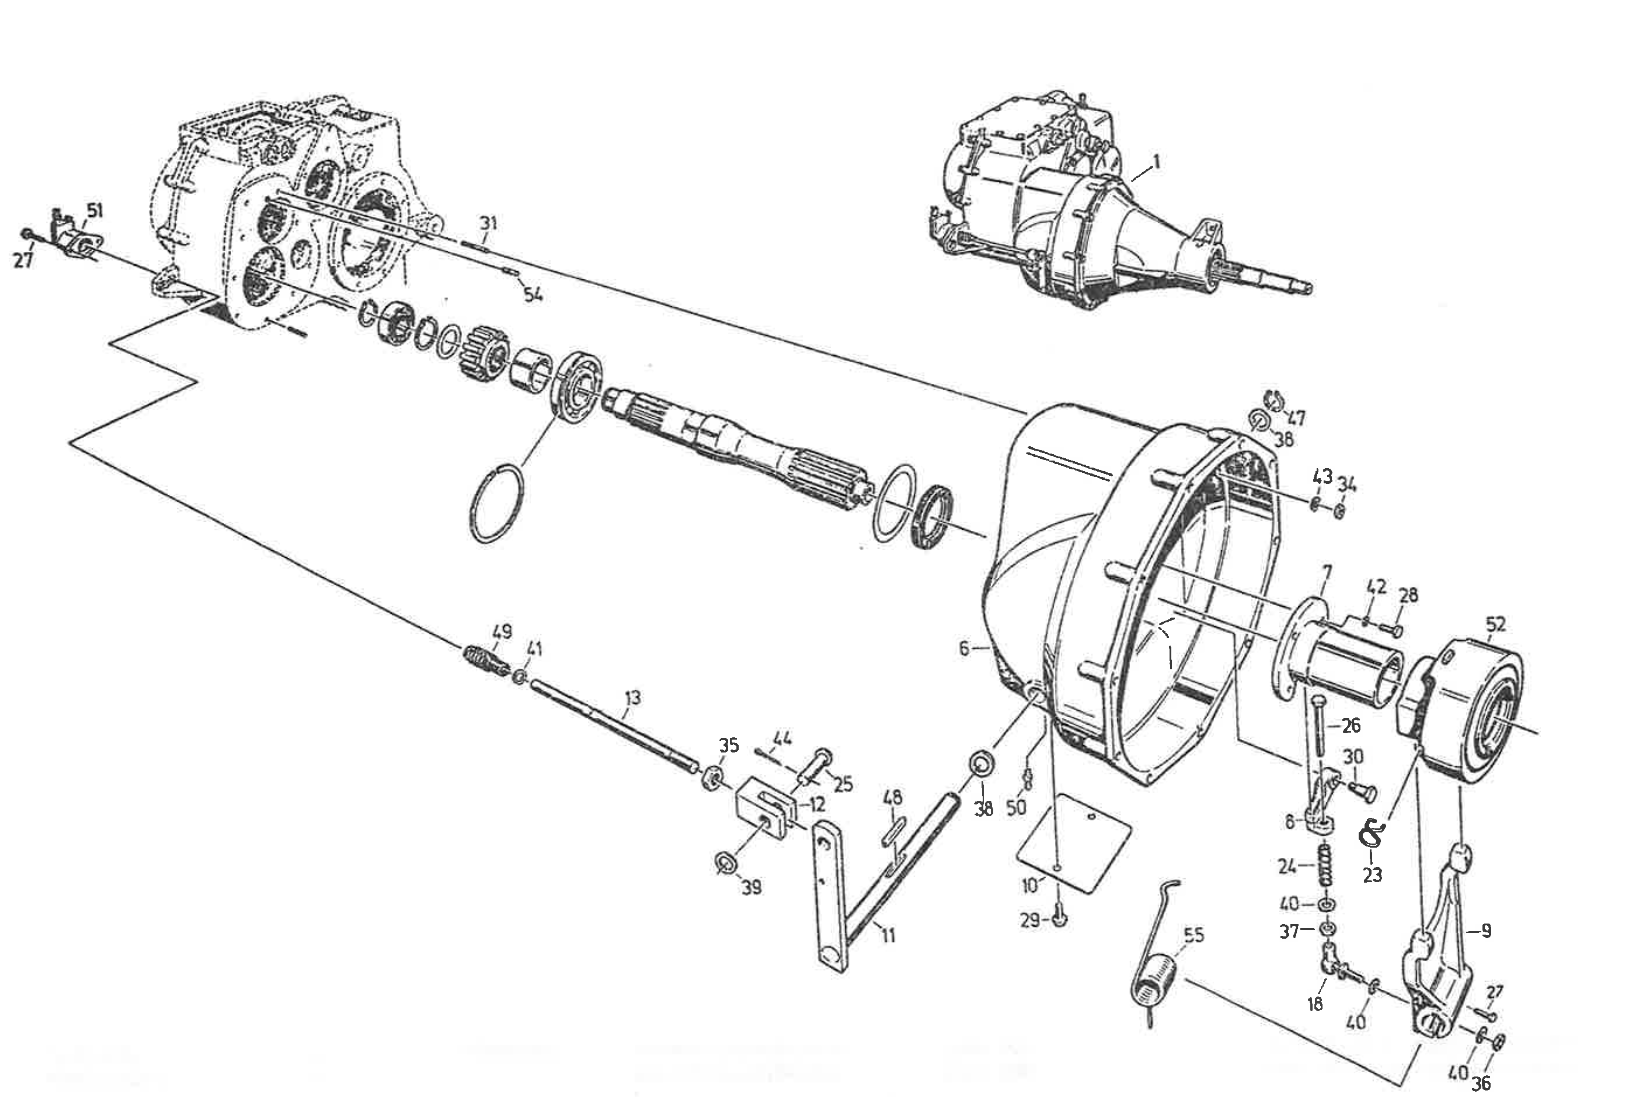 525_1997_172_Stirnradgetriebe_1_Antriebswelle